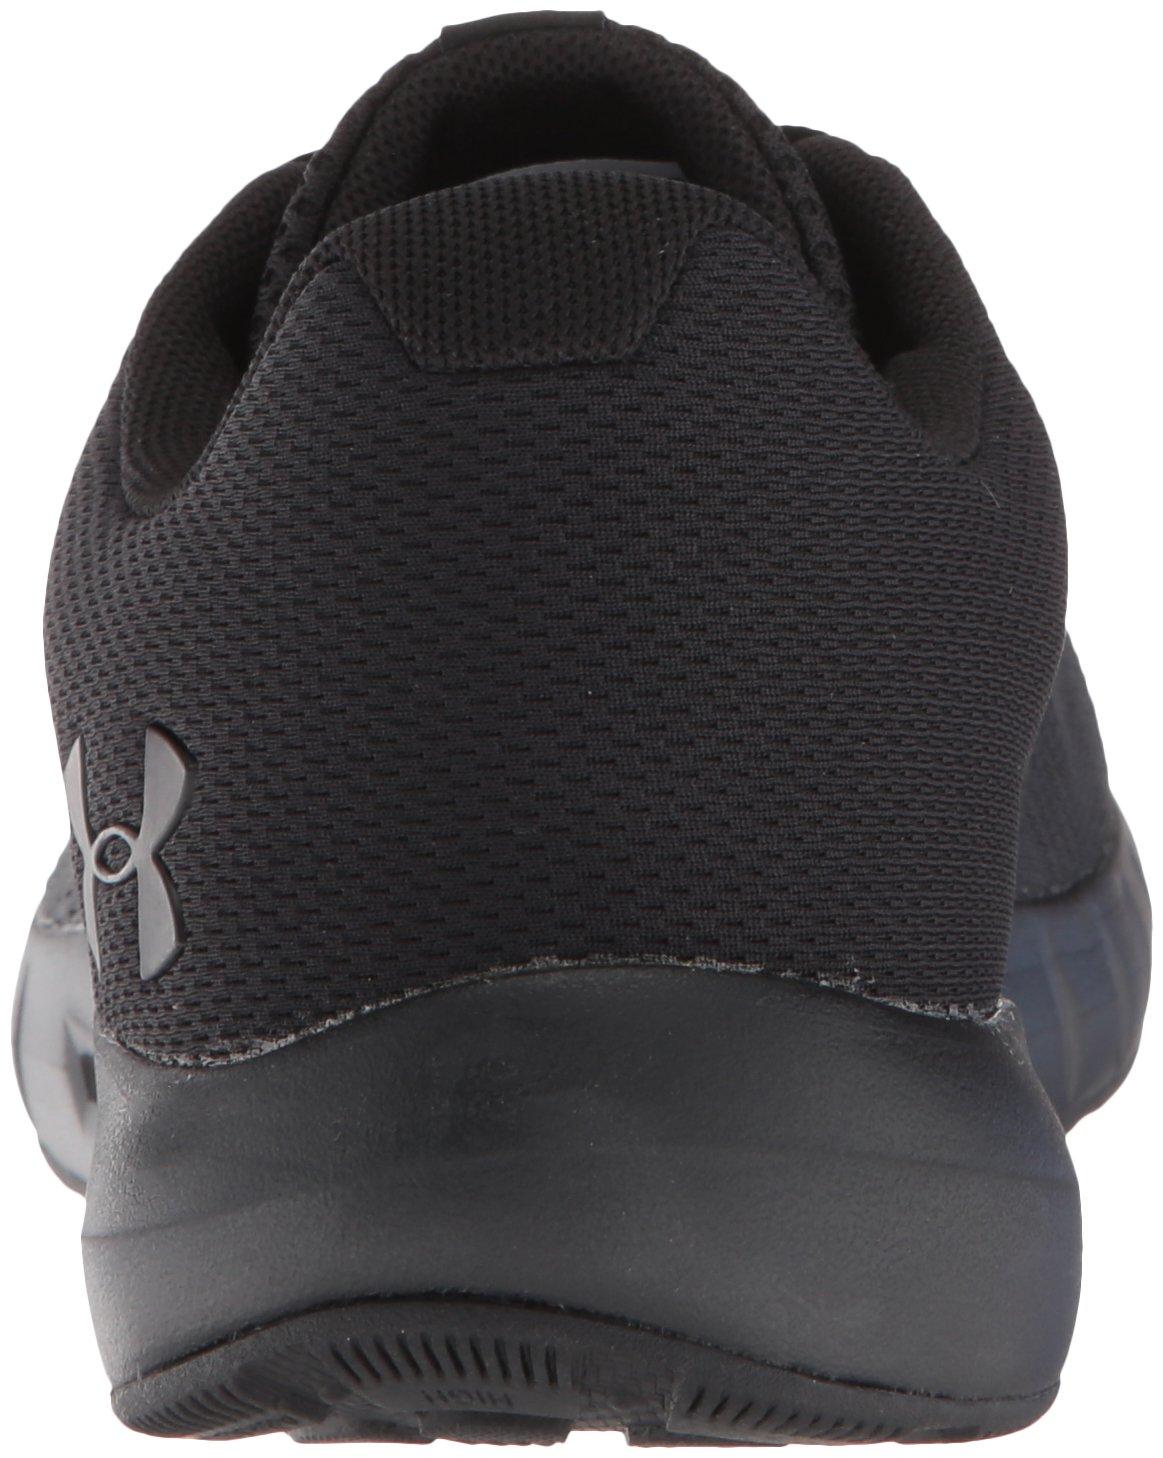 Under Armour Women's Micro 9 G Pursuit Sneaker B07762T8BZ 9 Micro M US|Black (004)/Black 72d3e1